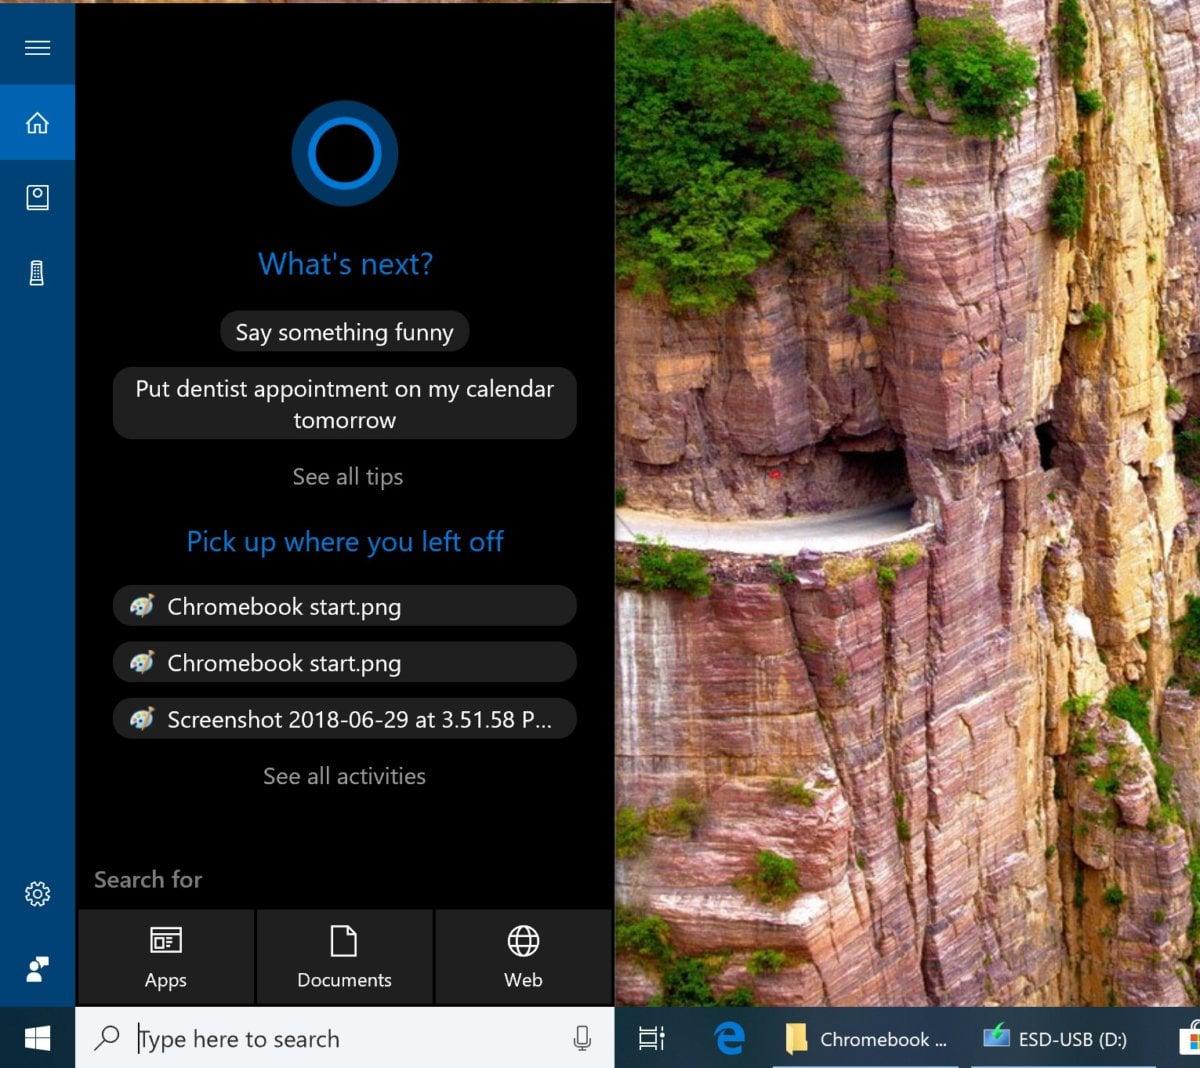 Virtuální asistentku Microsoft Cortana najdete přímo v operačním systému Windows – na rozdíl od Asistenta Google, který je dostupný pouze v zařízeních Pixelbook vyráběných přímo firmou Google.